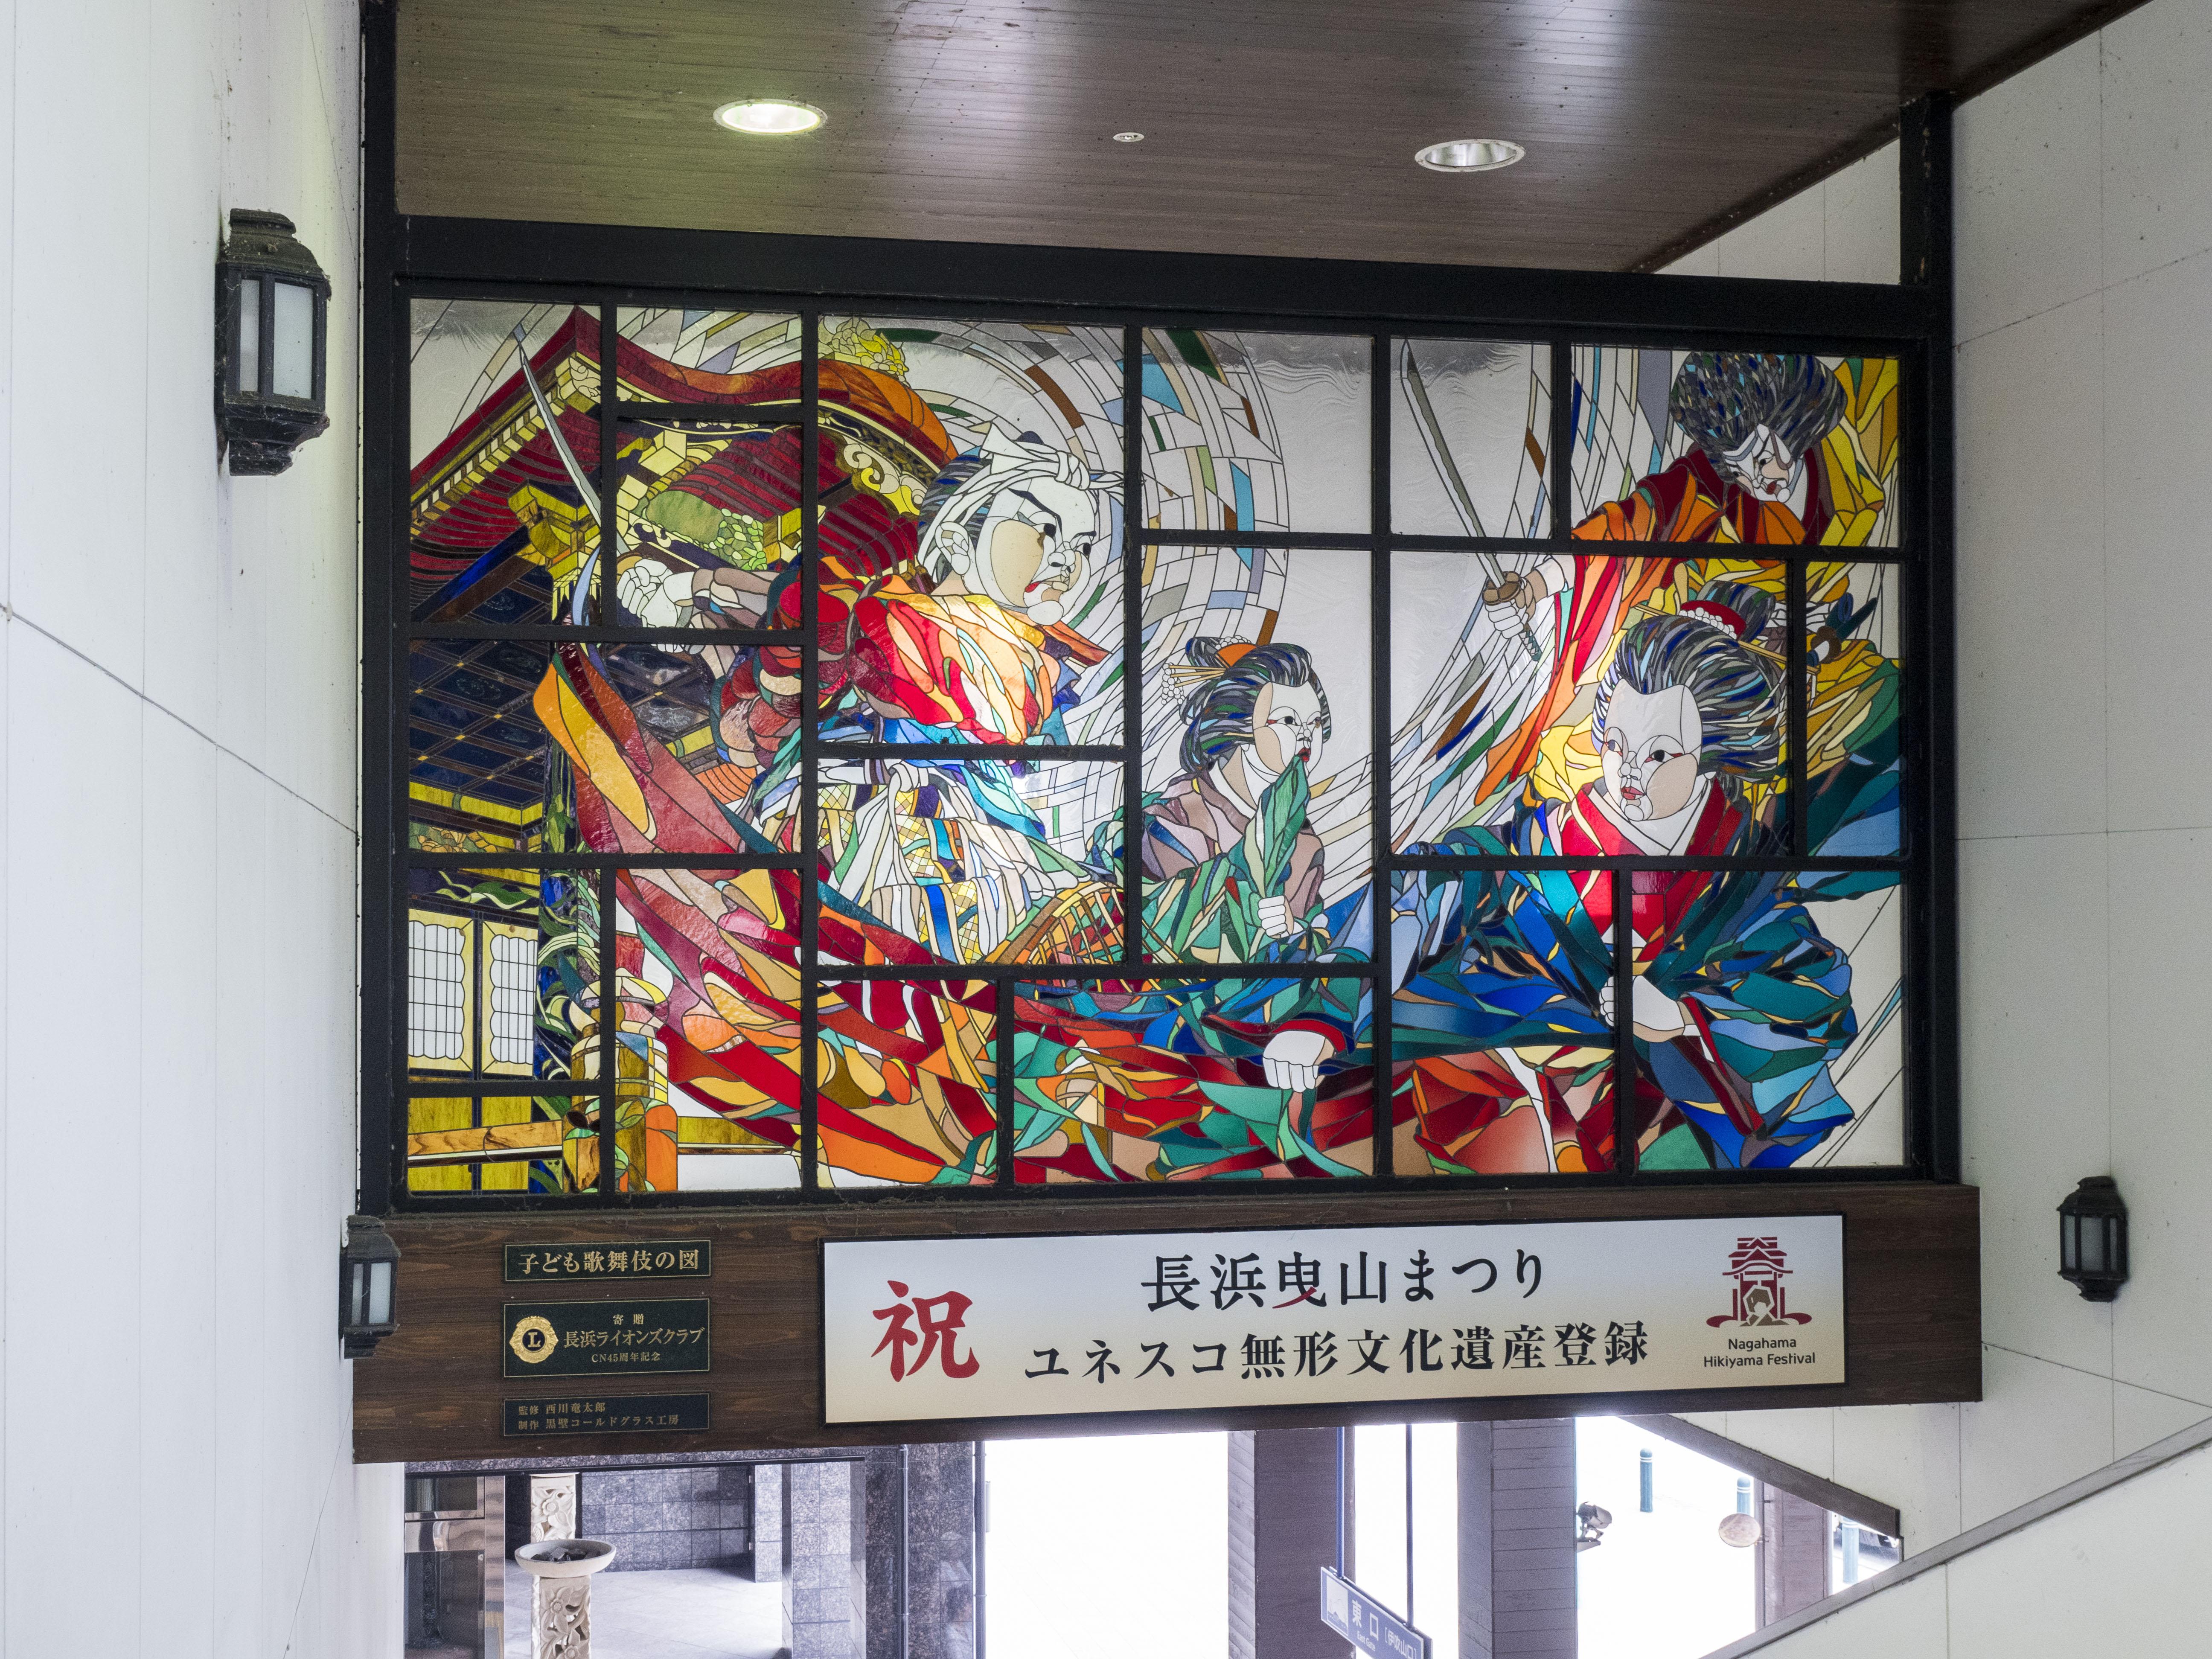 JR長浜駅東口